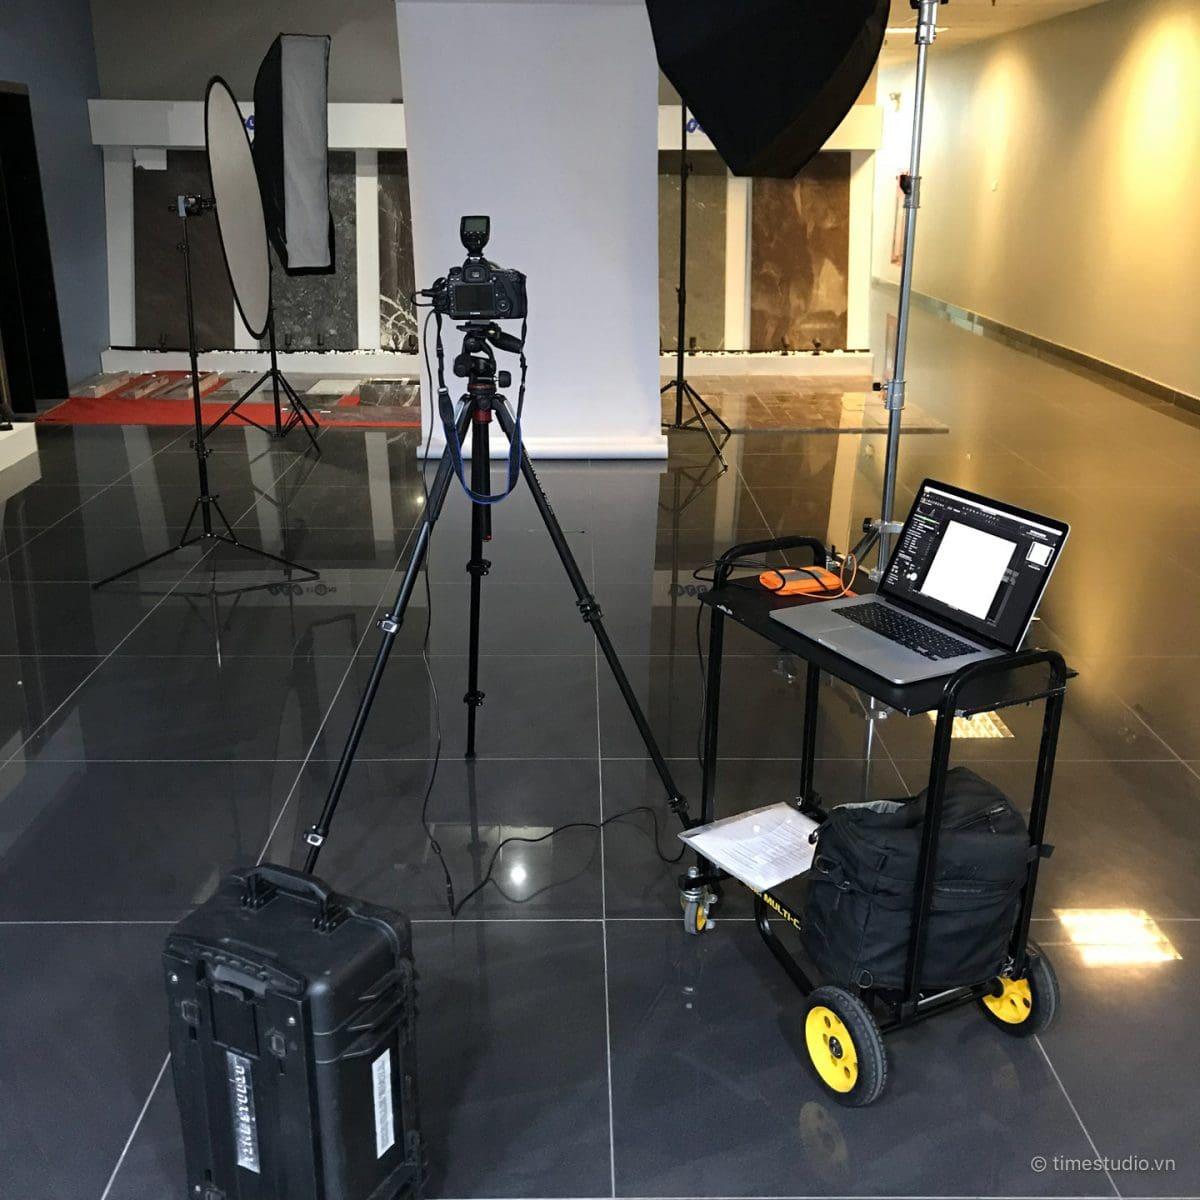 Kinh nghiệm chuẩn bị cho chụp ảnh chân dung tại địa điểm